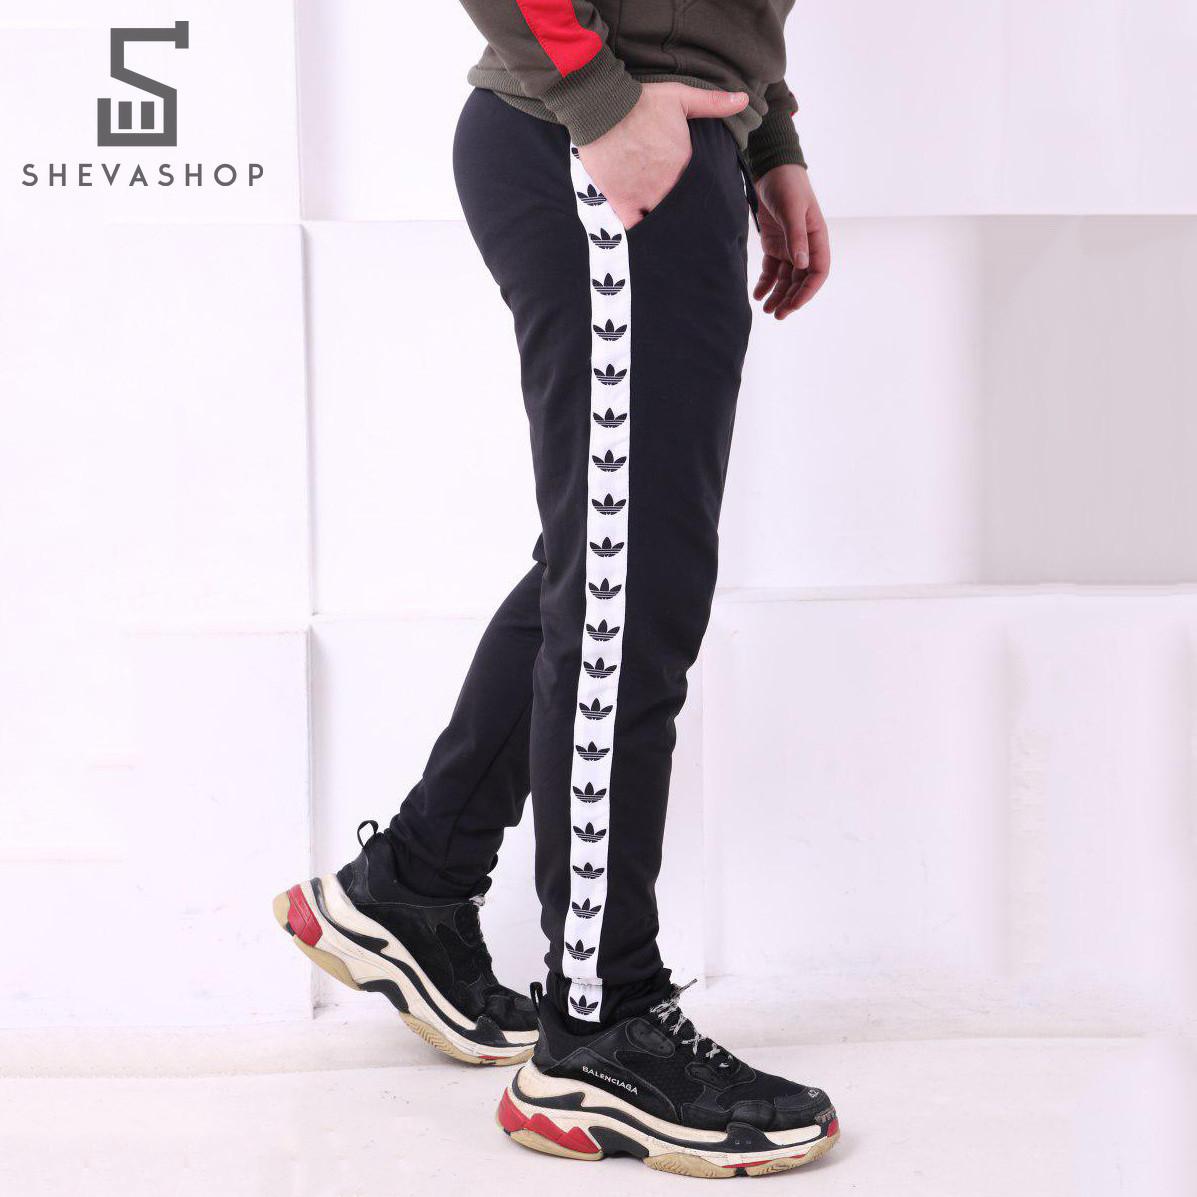 e79afa88 Спортивные штаны Adidas line черные с белым (реплика) - купить по ...